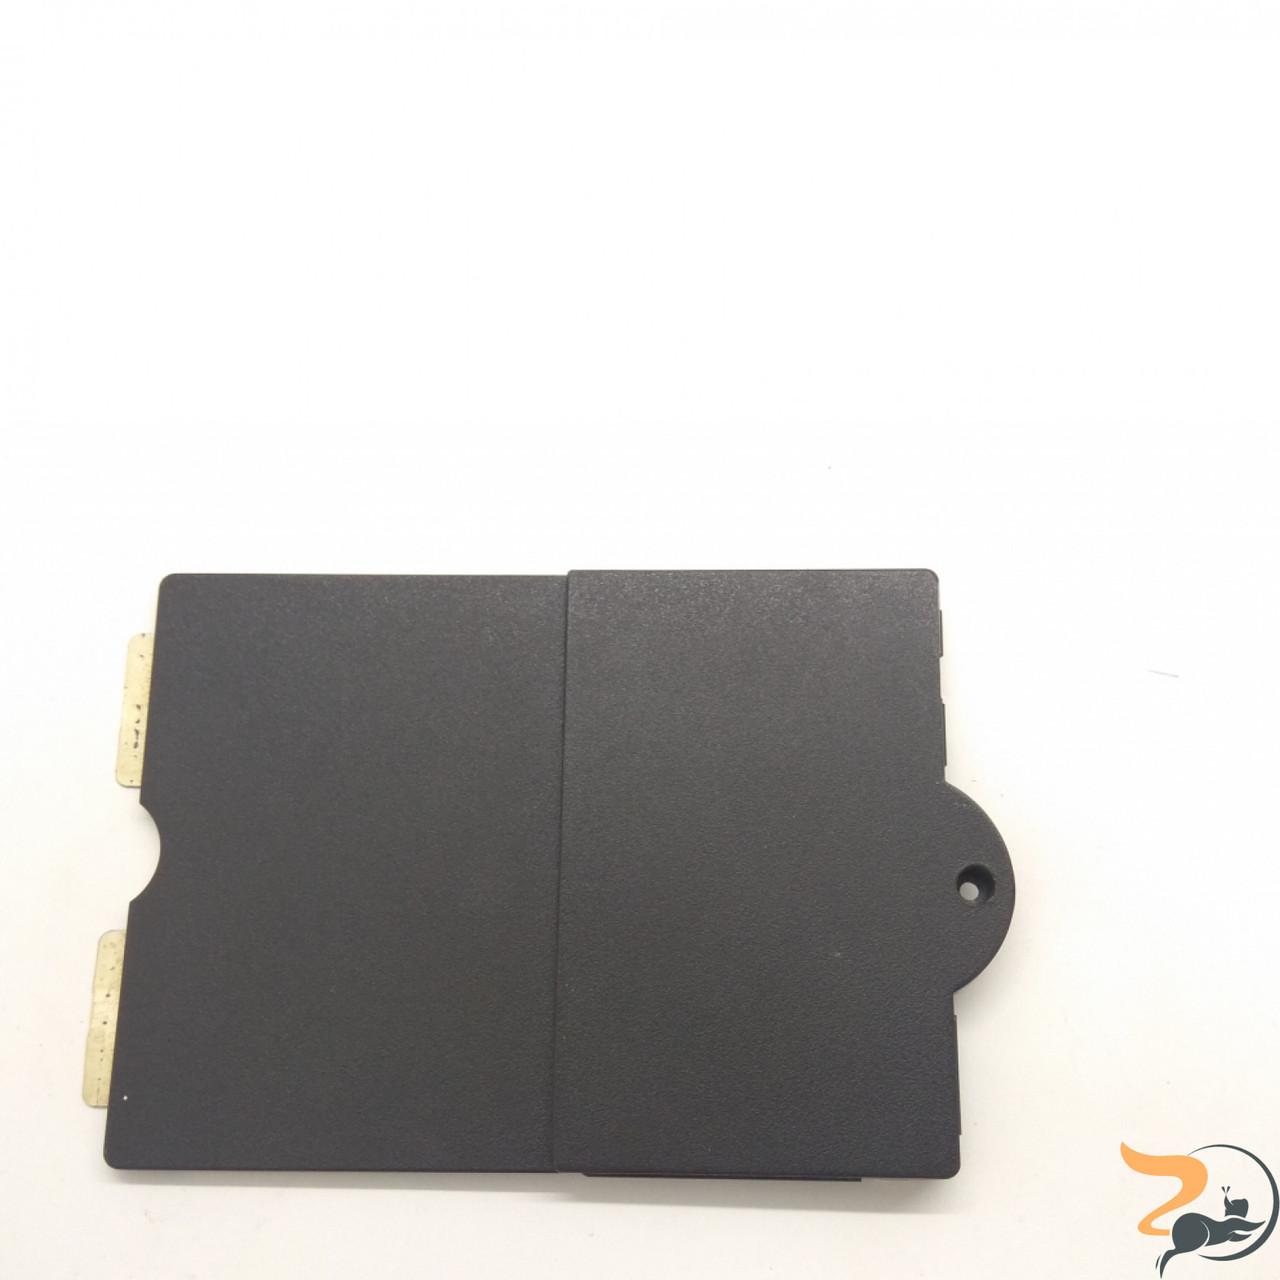 Сервісна кришка для ноутбука Dell Inspiron 8200, 2C734, Б/В. В хорошому стані ,без пошкоджень.